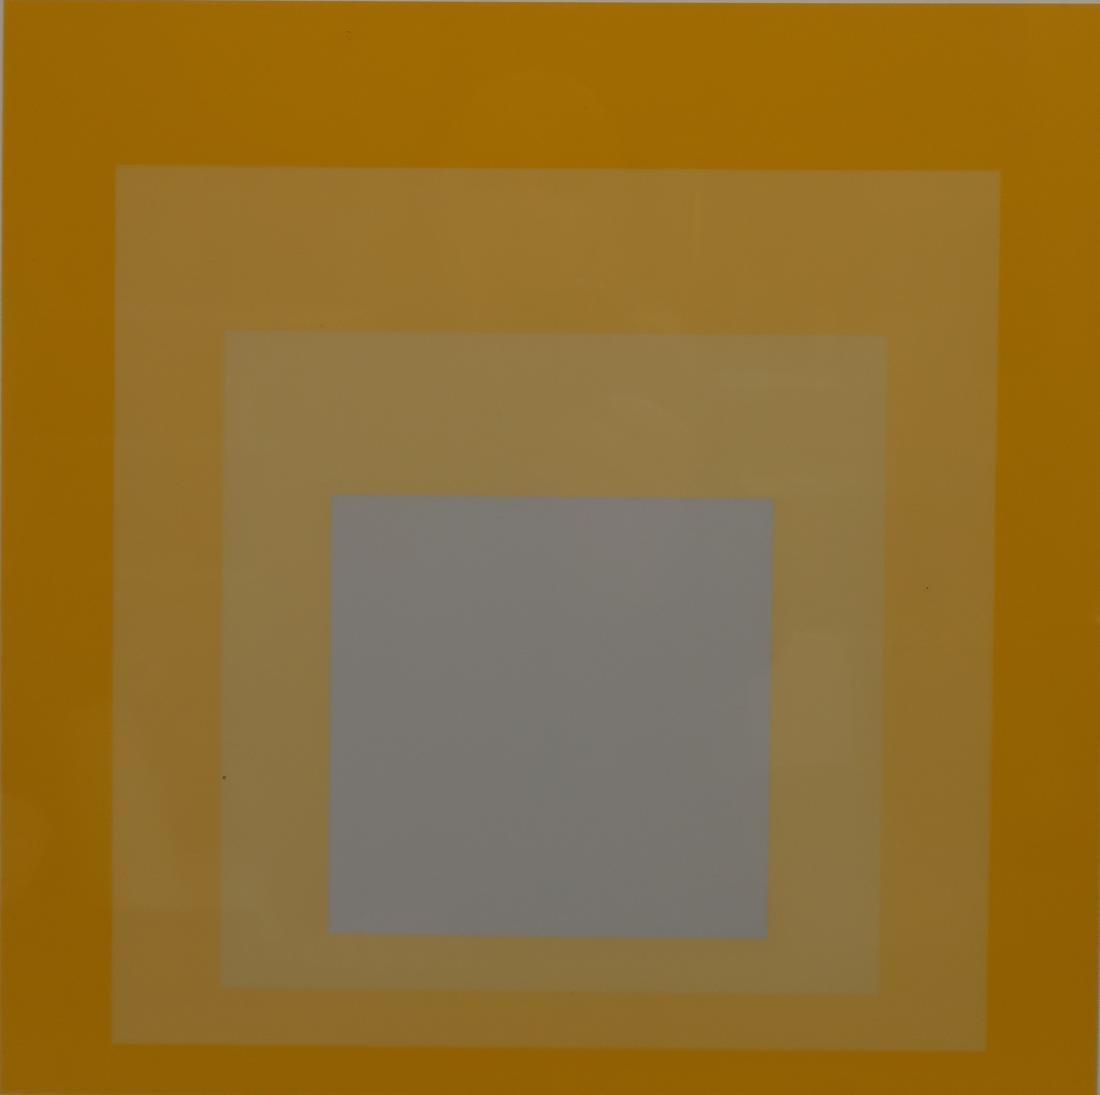 Josef Albers,Ger./Am., 2 Yellow Silkscreen Prints